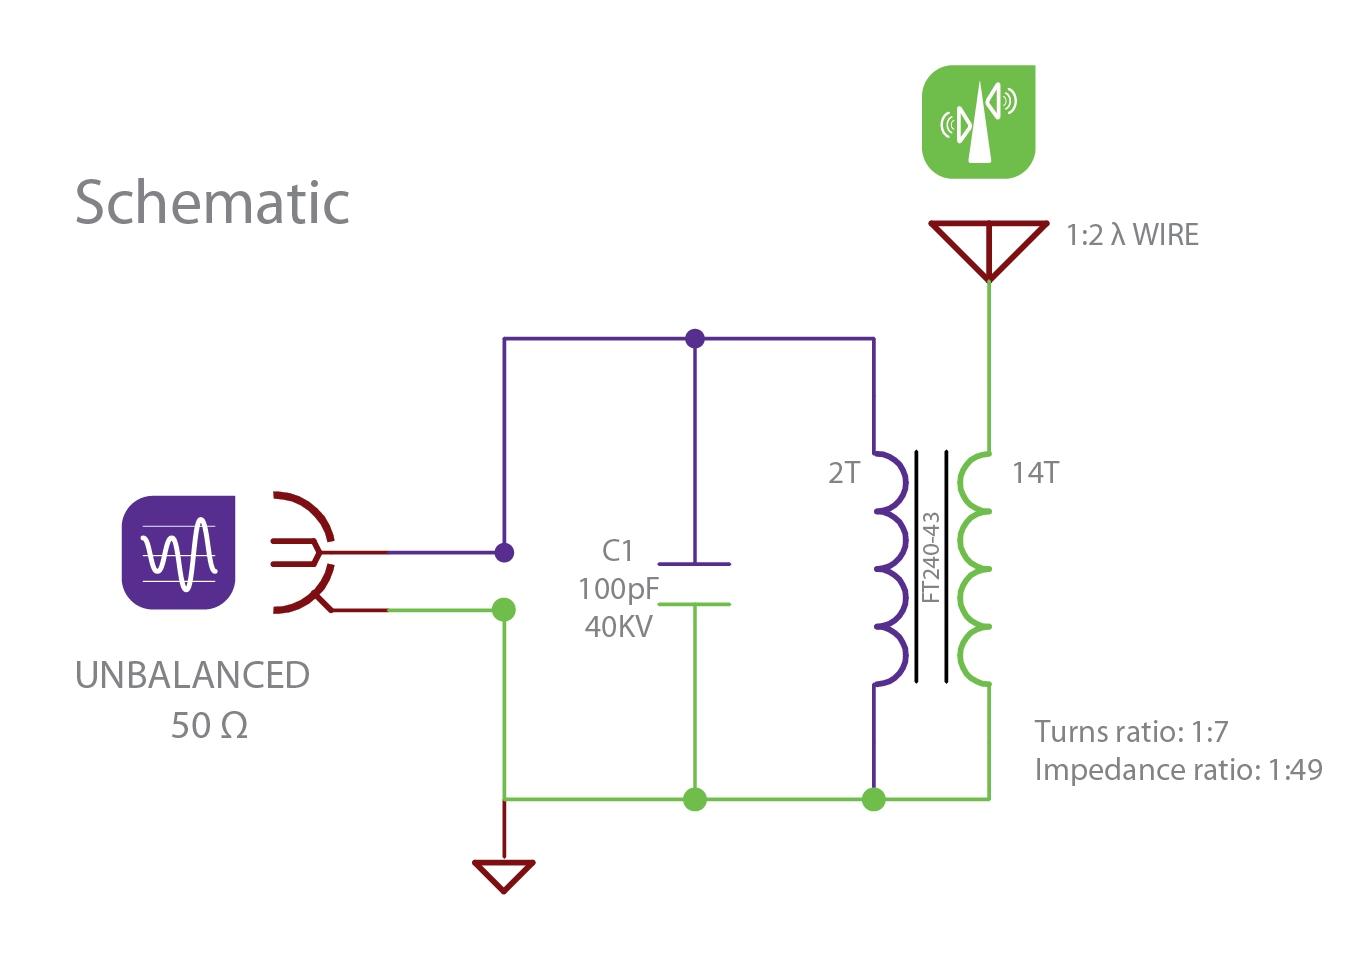 Transformateur d'impédance ( UNUN ) 1:49 sur eBay 500 Watts / Balun Schema